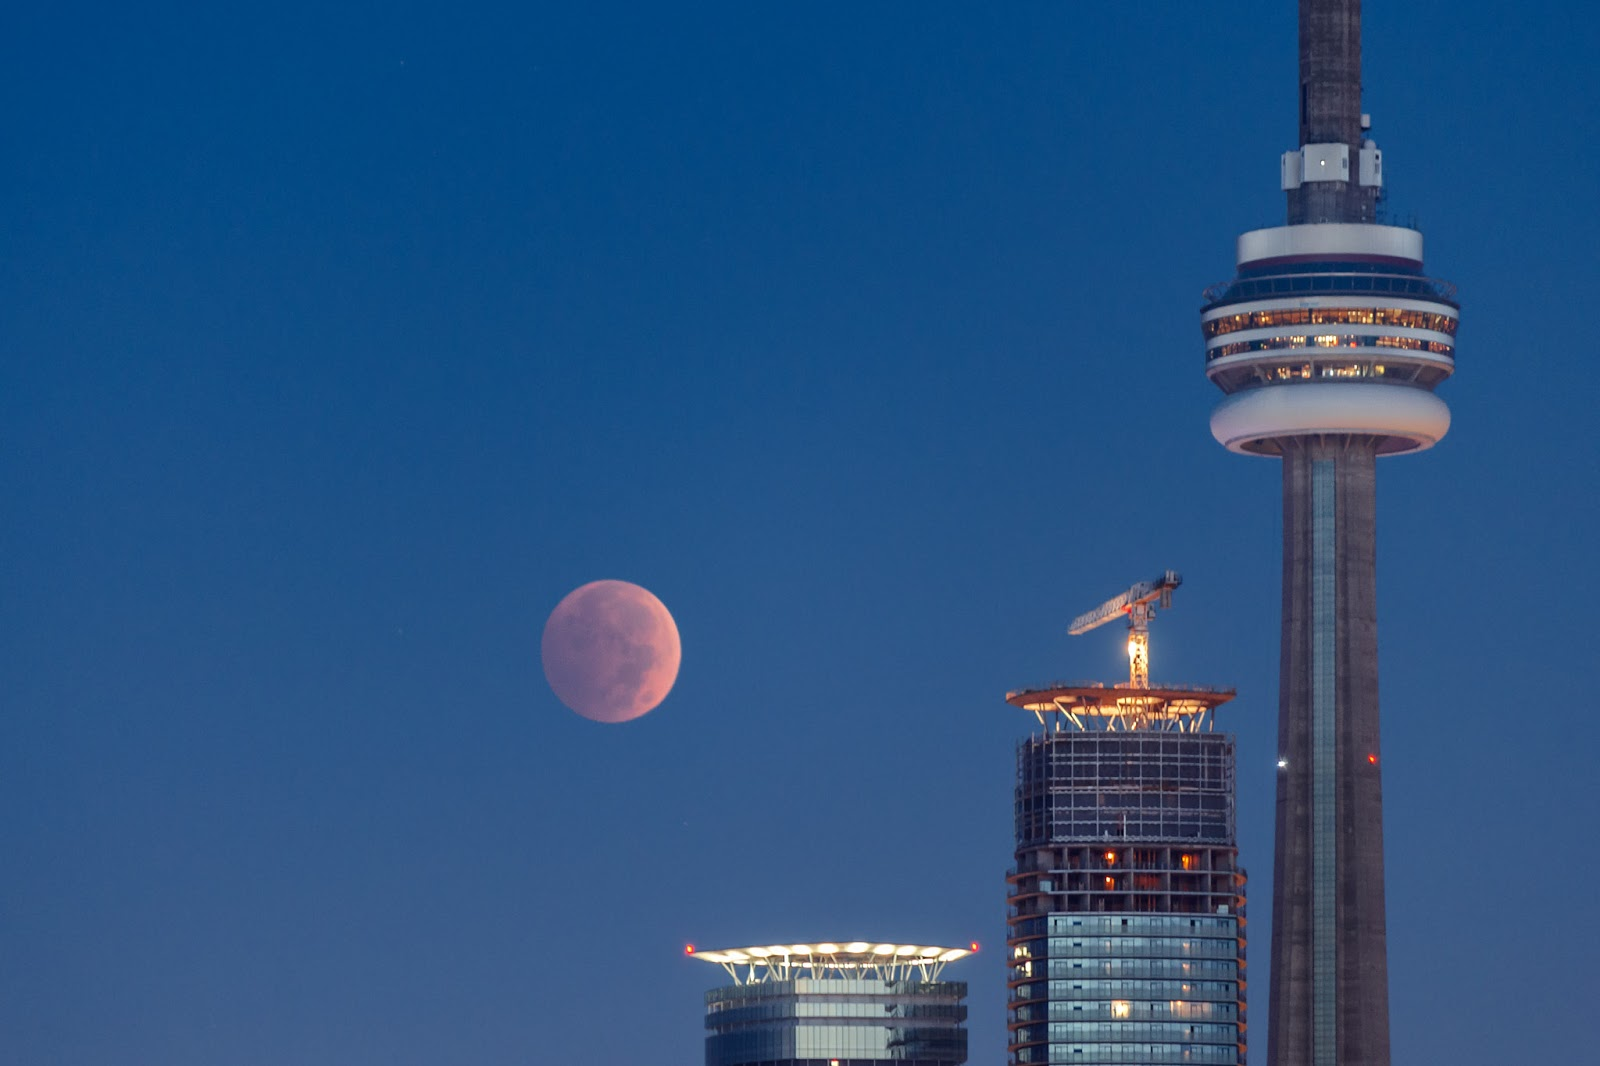 Mặt Trăng màu đỏ trên tháp CN của thành phố Toronto ở Ontario, Canada. Tác giả : Michael Muraz.